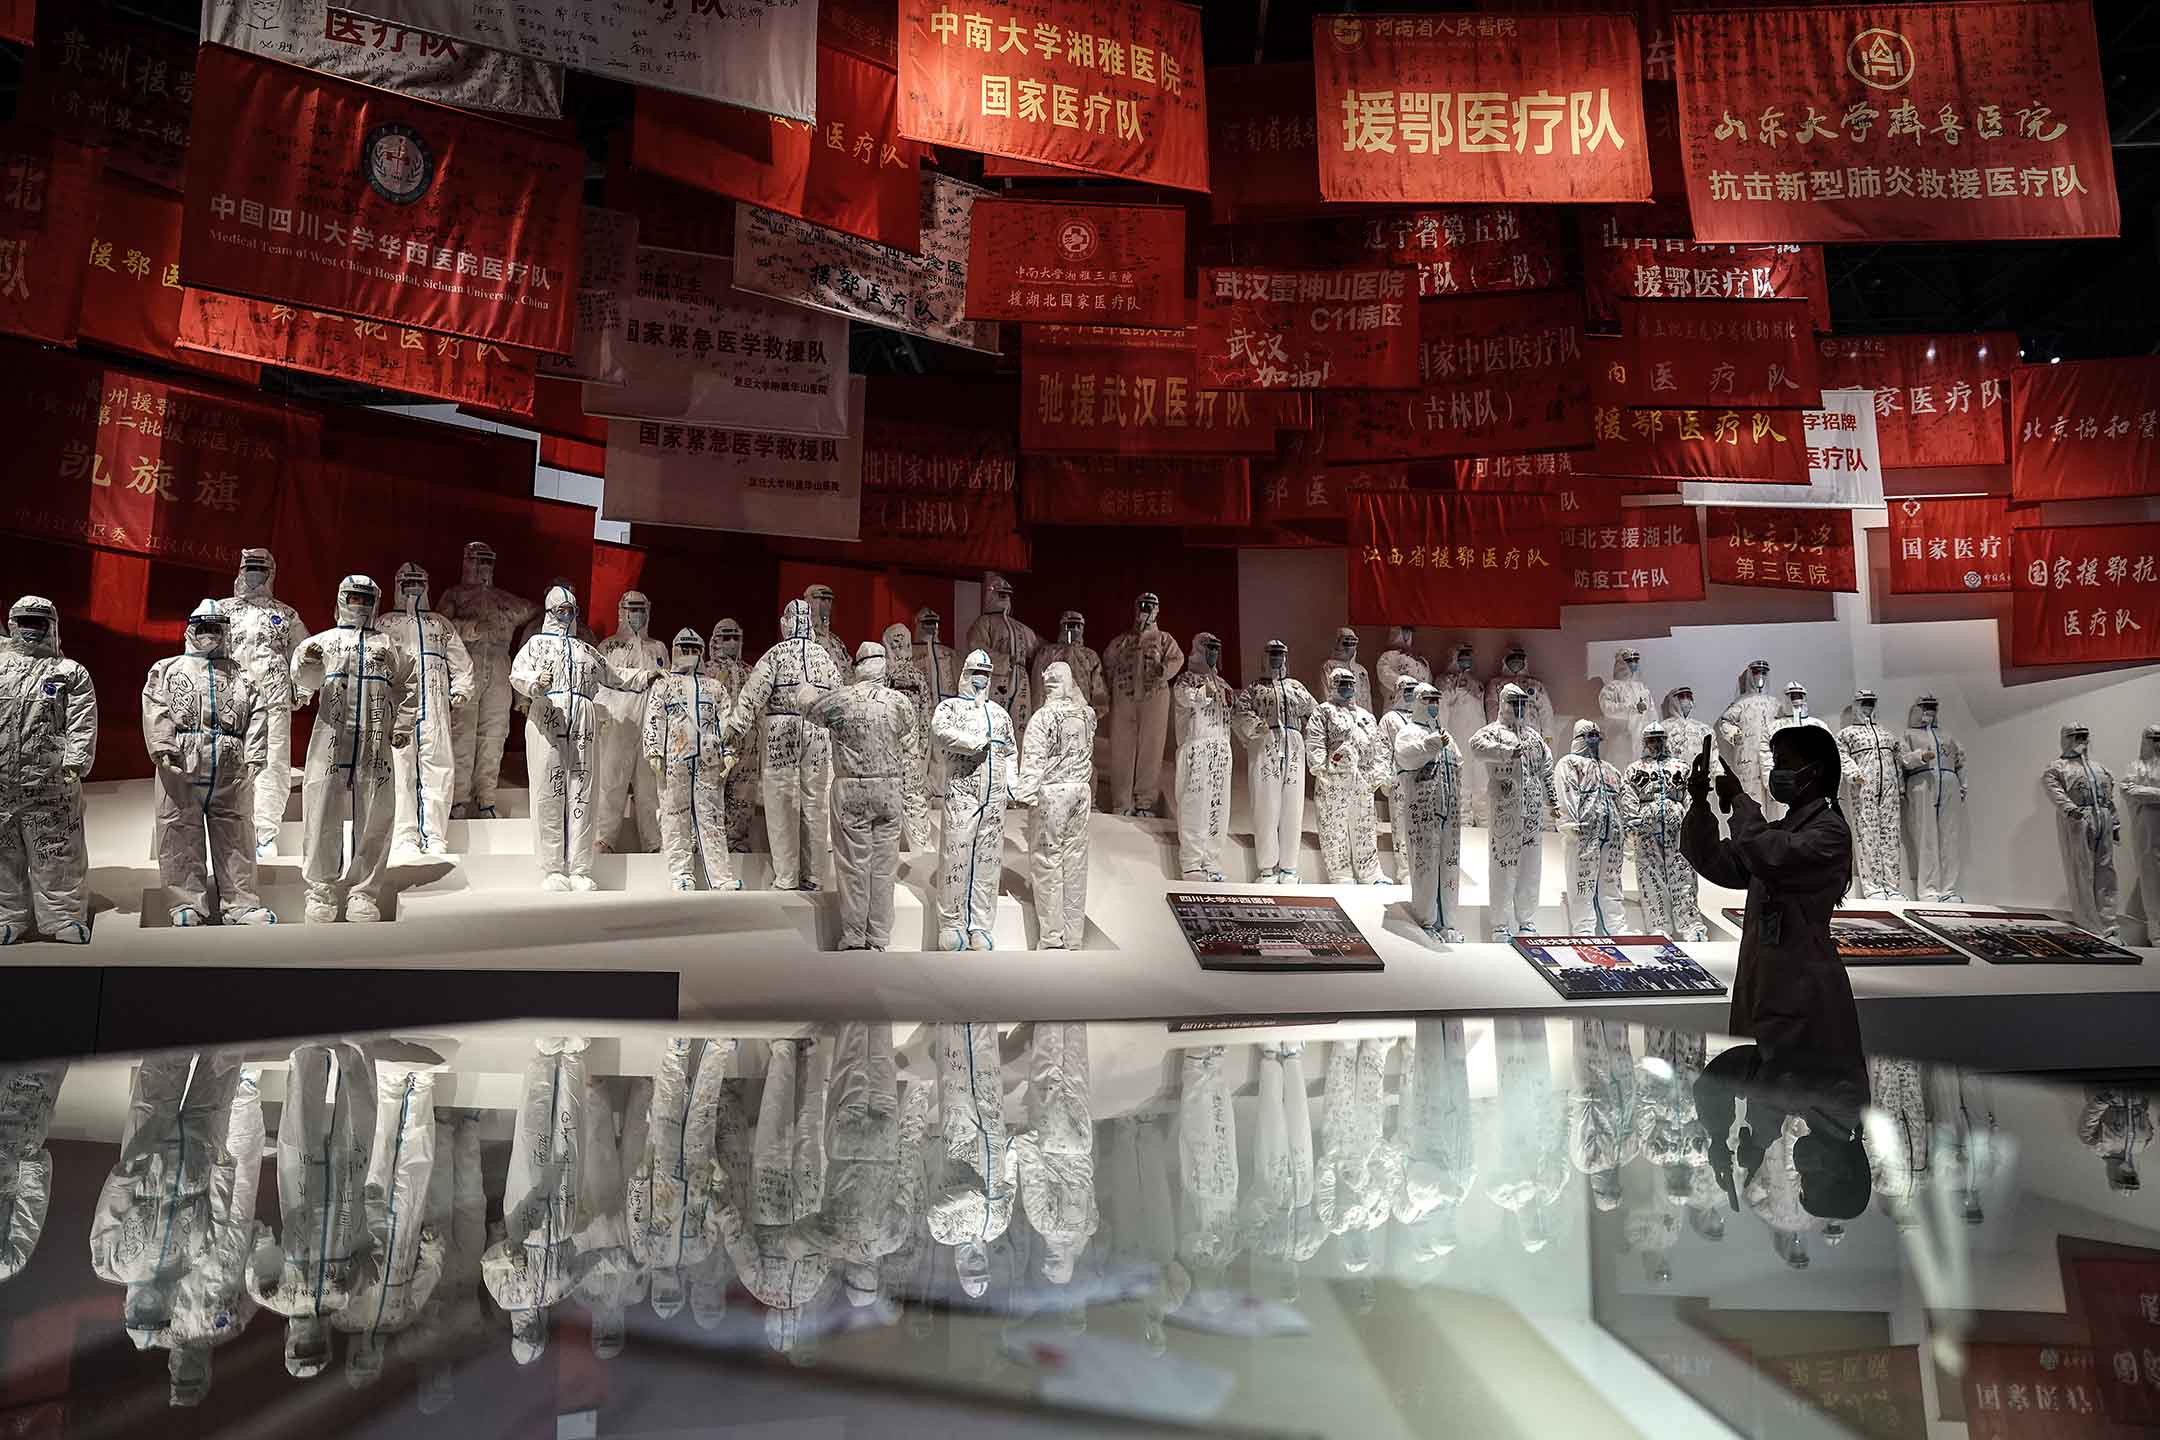 2020年10月15日武漢,一位遊客在拍攝關於中國抗疫的展覽。